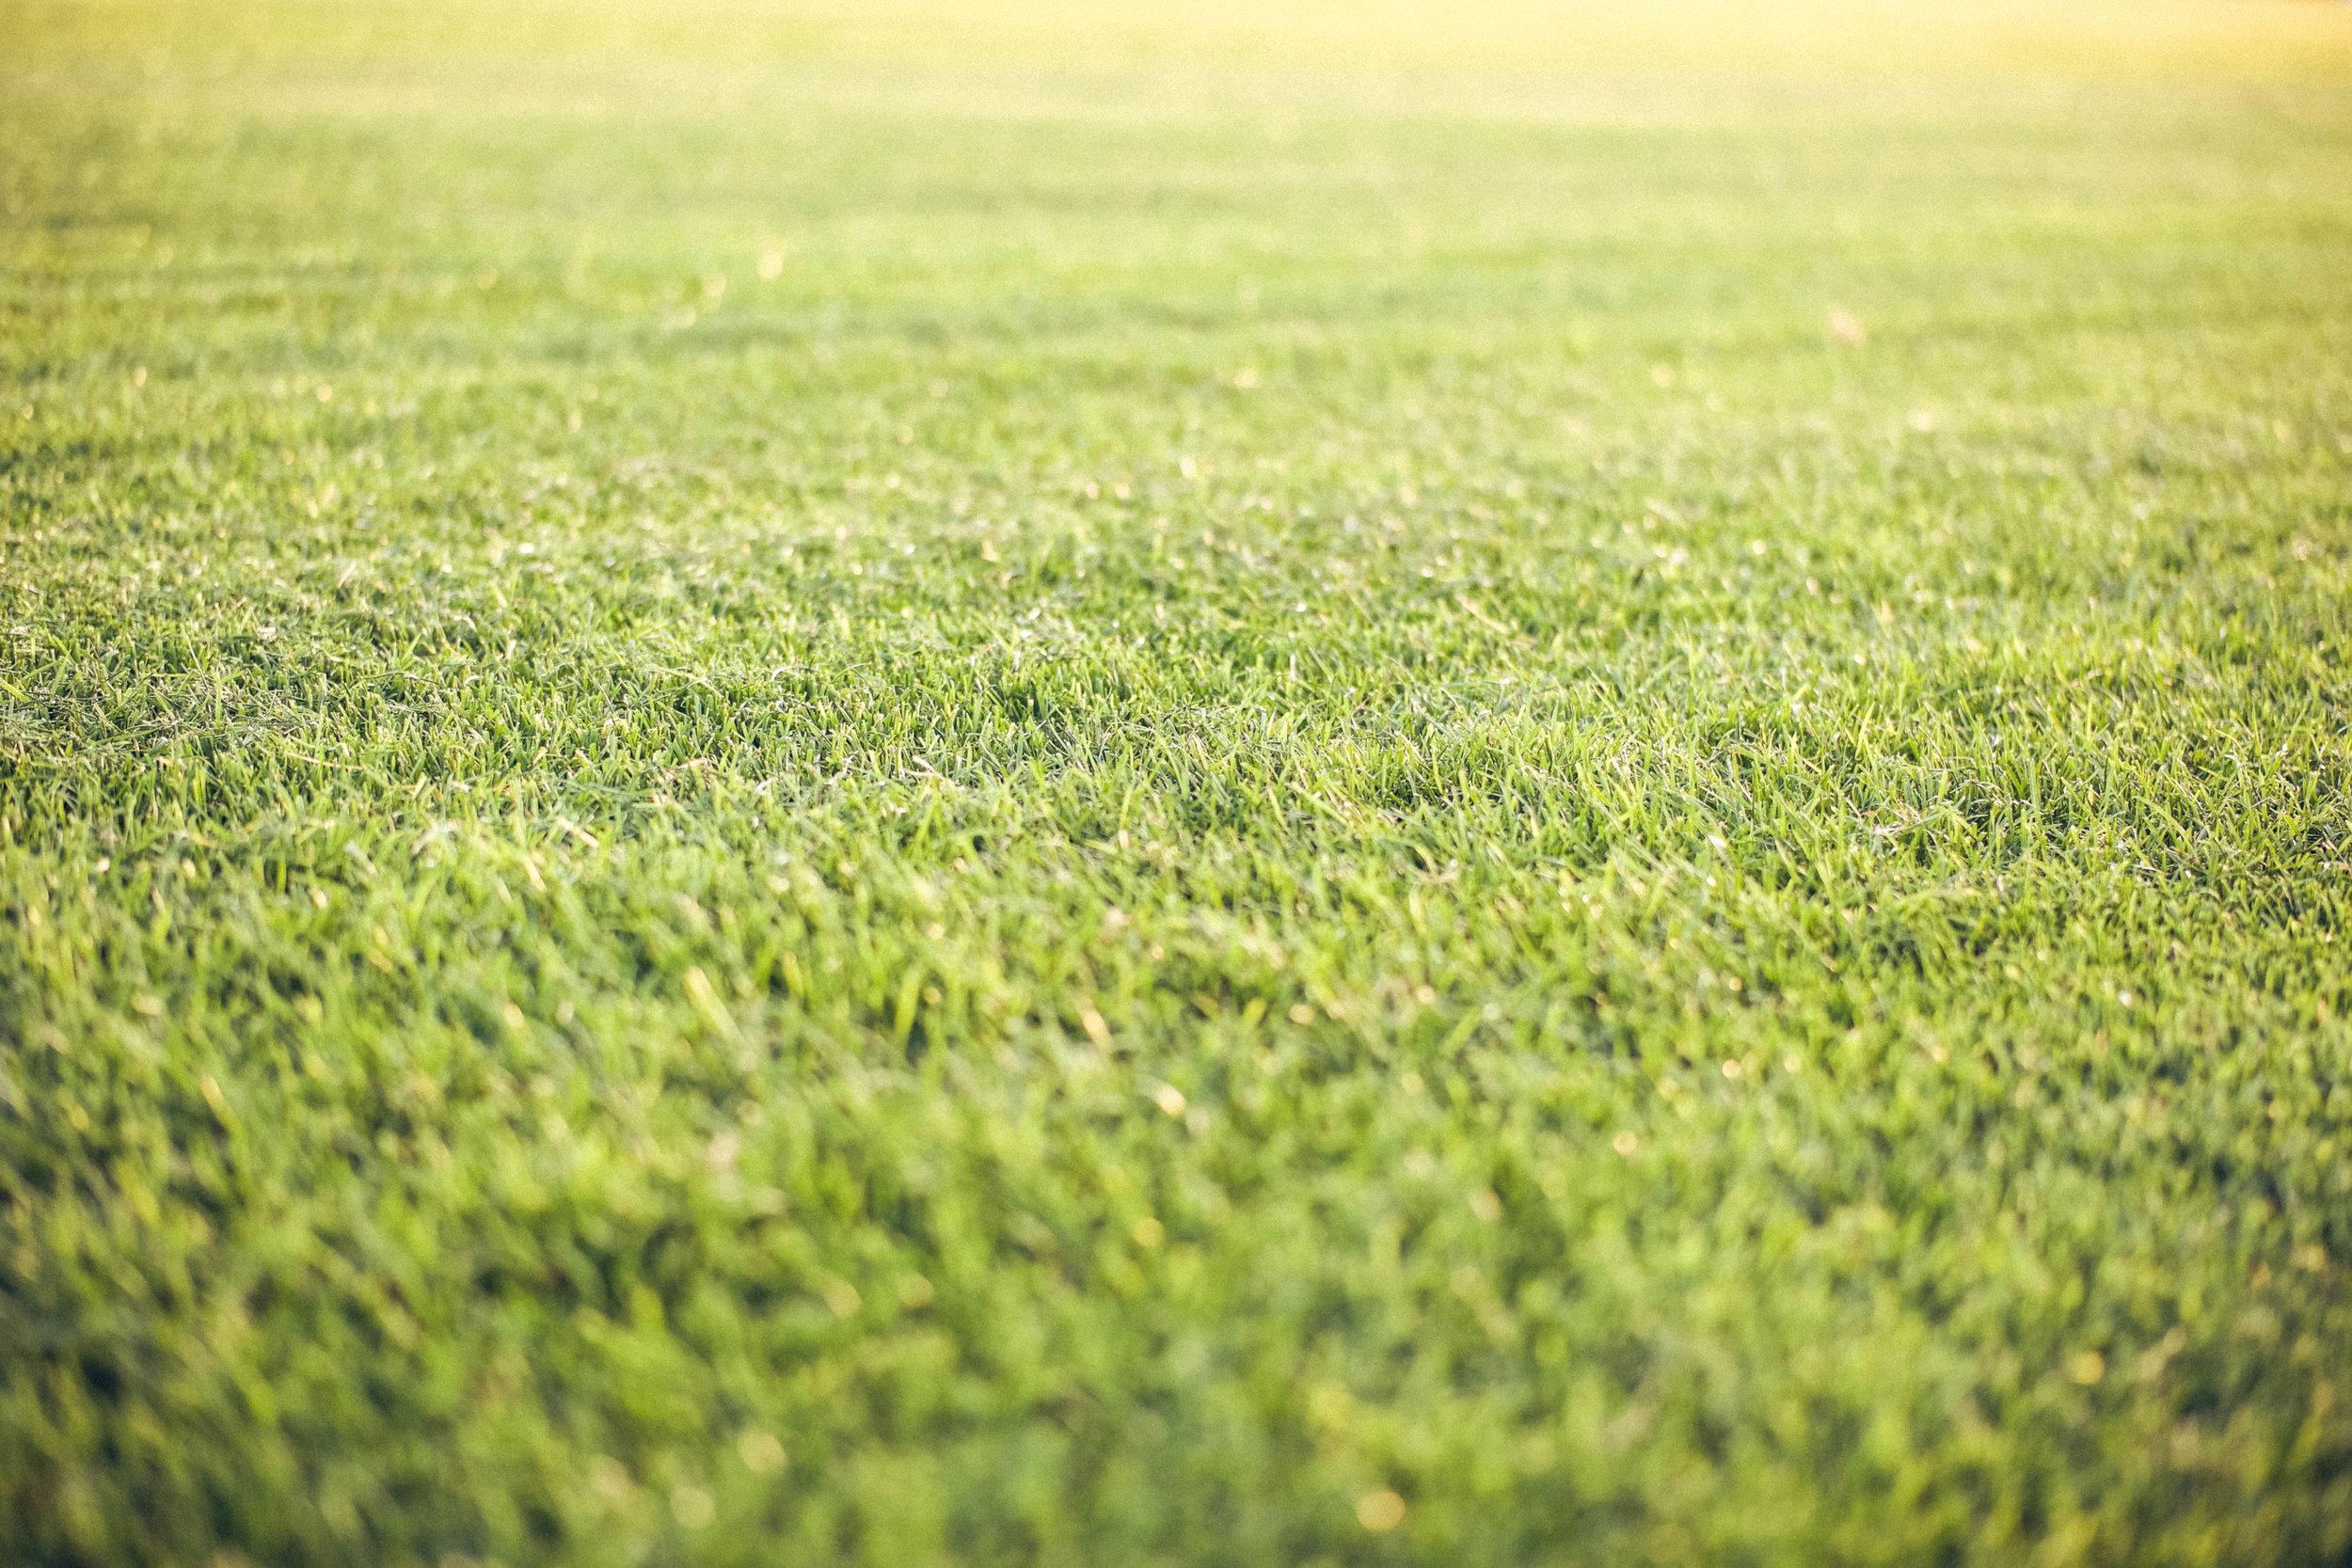 Aufzucht - In unserer Rasenschule auf dem Beekmannshof in Essen-Haarzopf kultivieren wir eine gleichmäßige Grassnarbe, die auf heimischen Lößlehmböden entsteht und daher später auch in ihrem Garten problemlos anwächst.Der Rasen wird mindestens 12 Monate in unserer Rasenschule gepflegt. Regelmäßiges Mähen und Düngen sorgt für ein gleichmäßiges Wachstum und einen dichten Rasen.